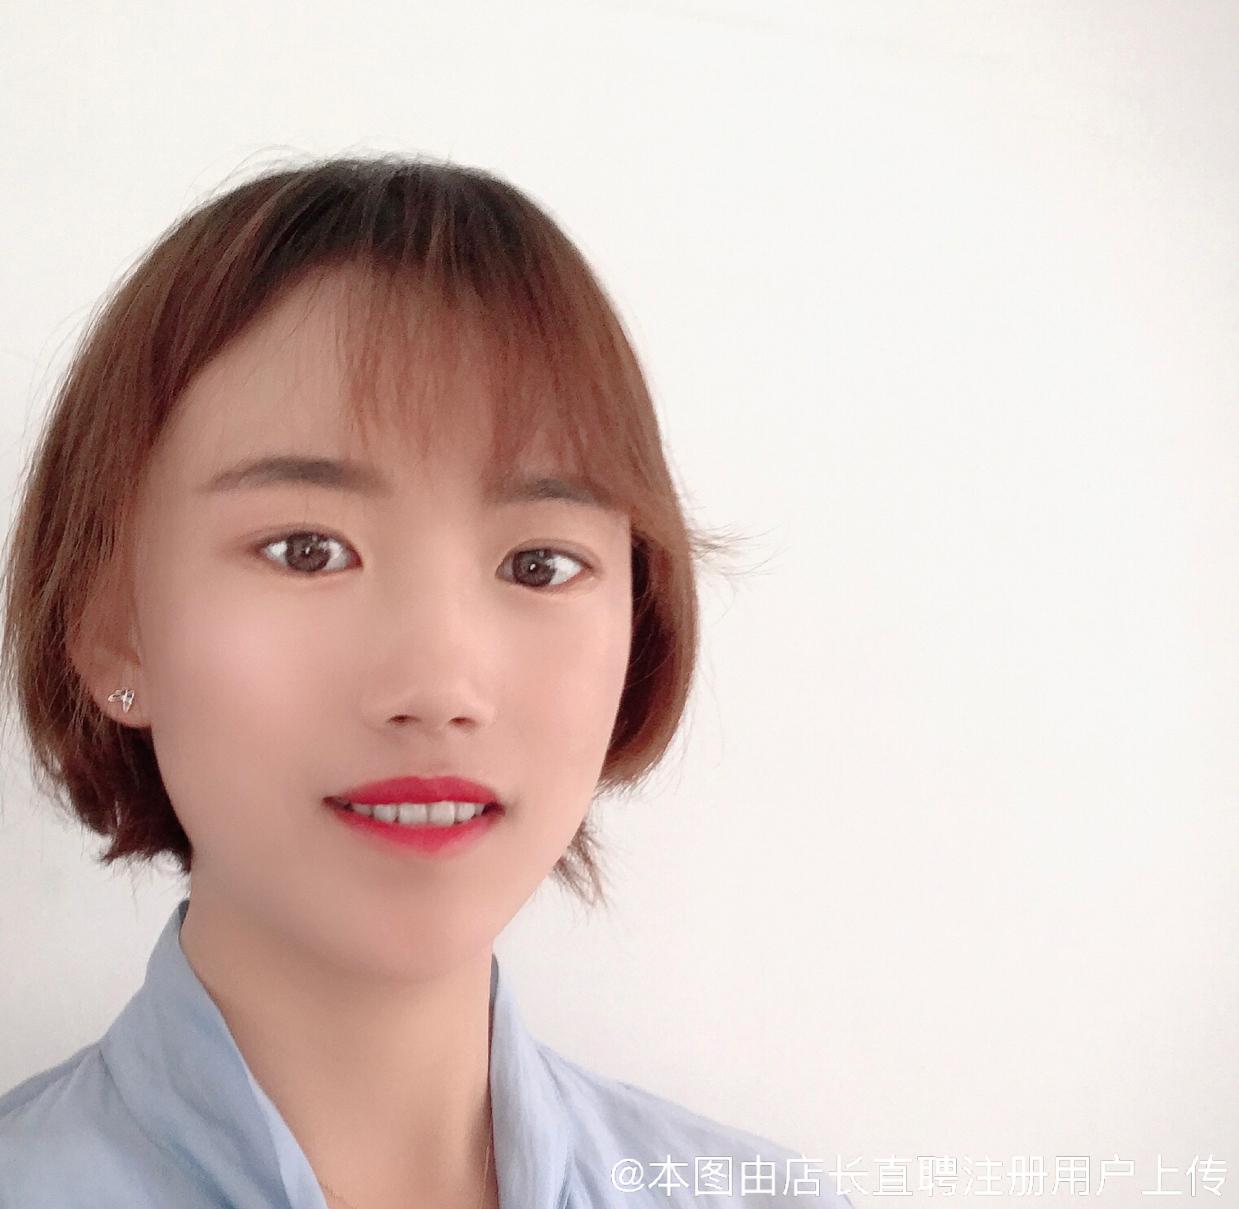 昆明官渡区诗悦摄影服务部